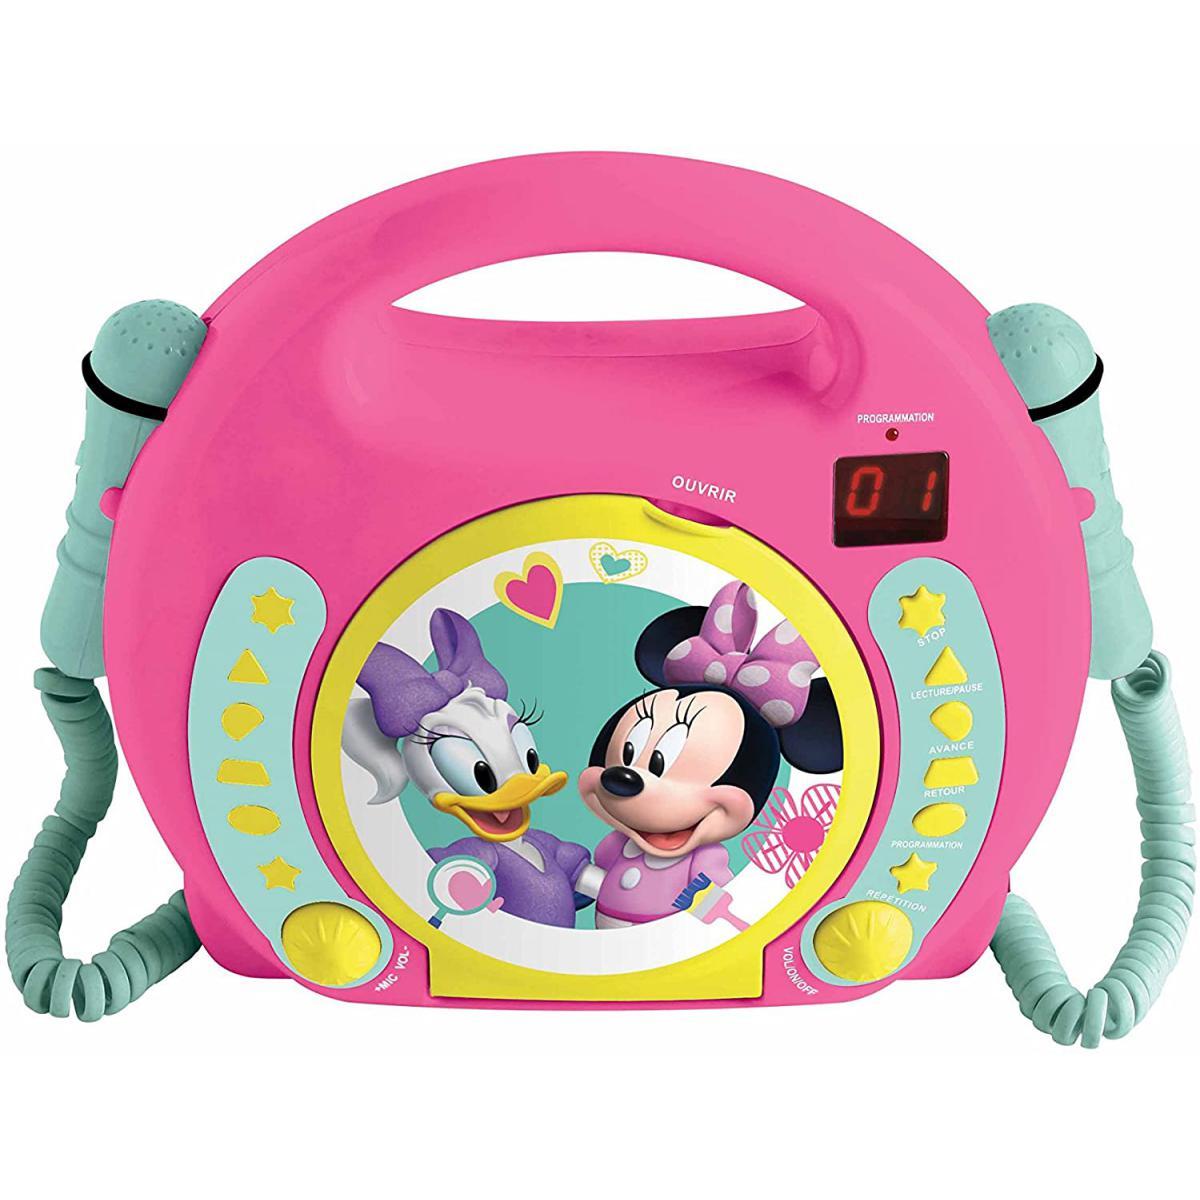 lexibook Lecteur CD pour enfant avec 2 microphones à piles Disney Junior Minnie Mouse rose